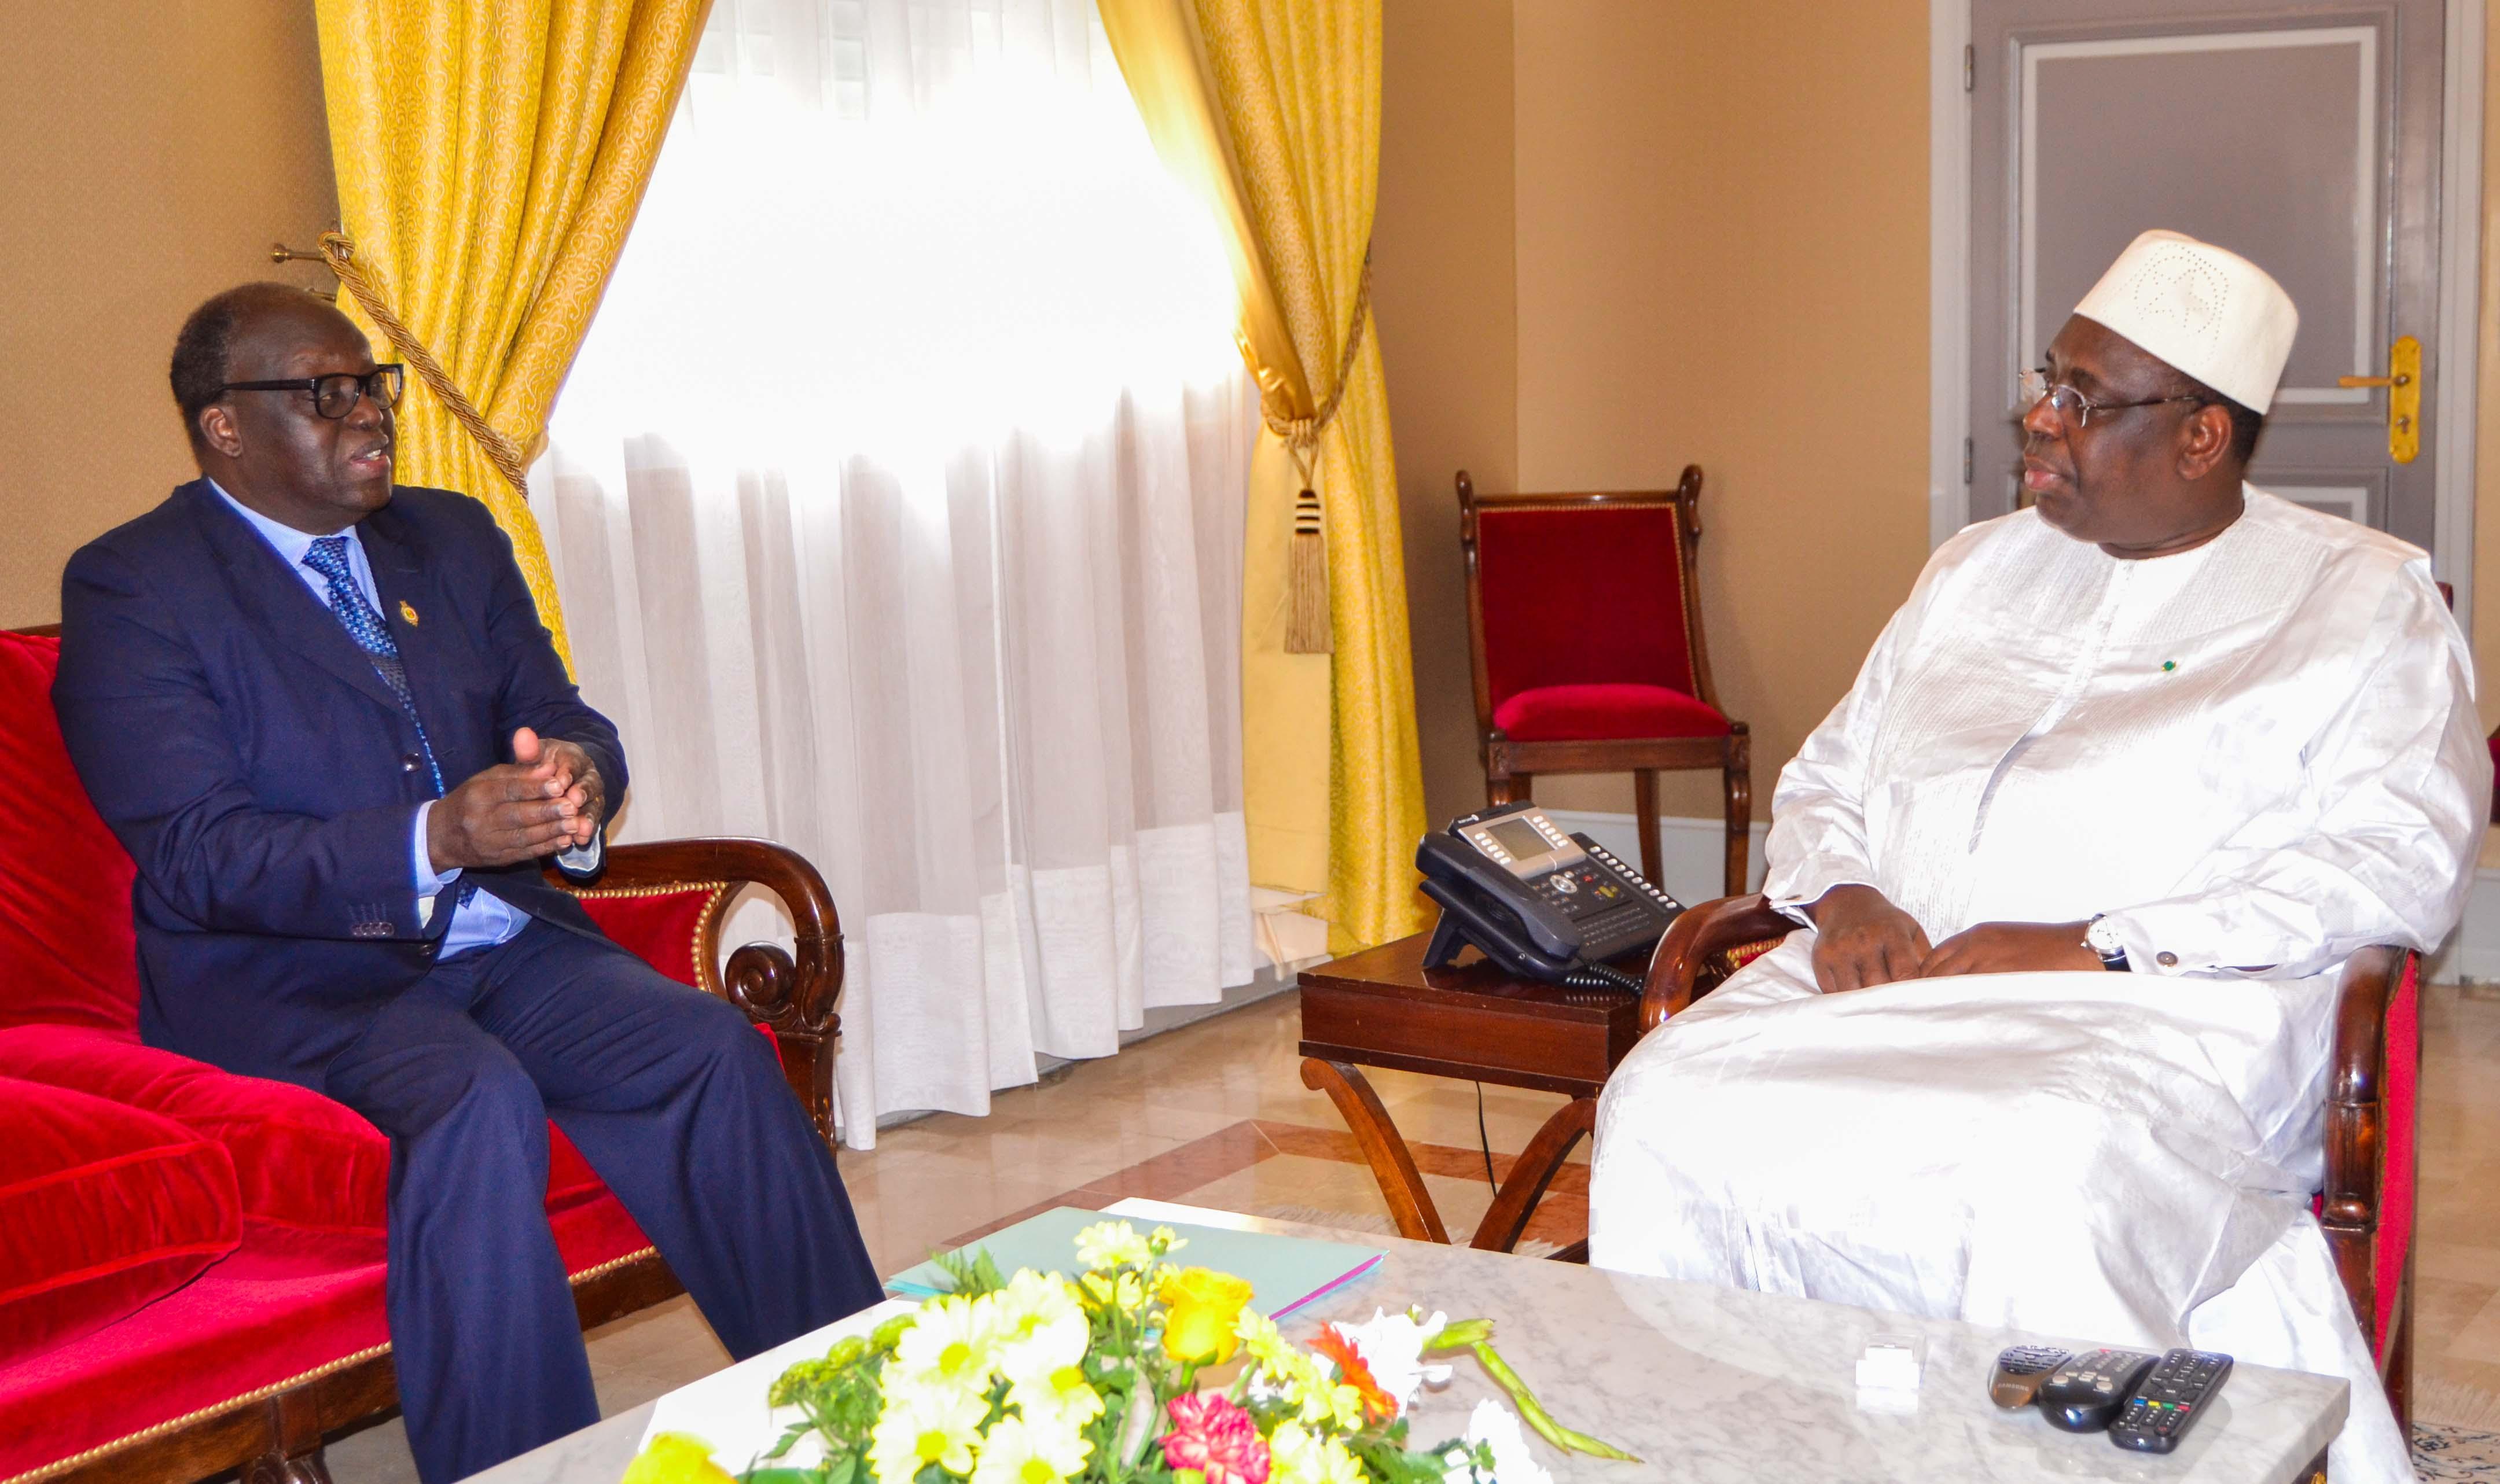 Sall et Niasse ont discuté des dossiers de l'Etat